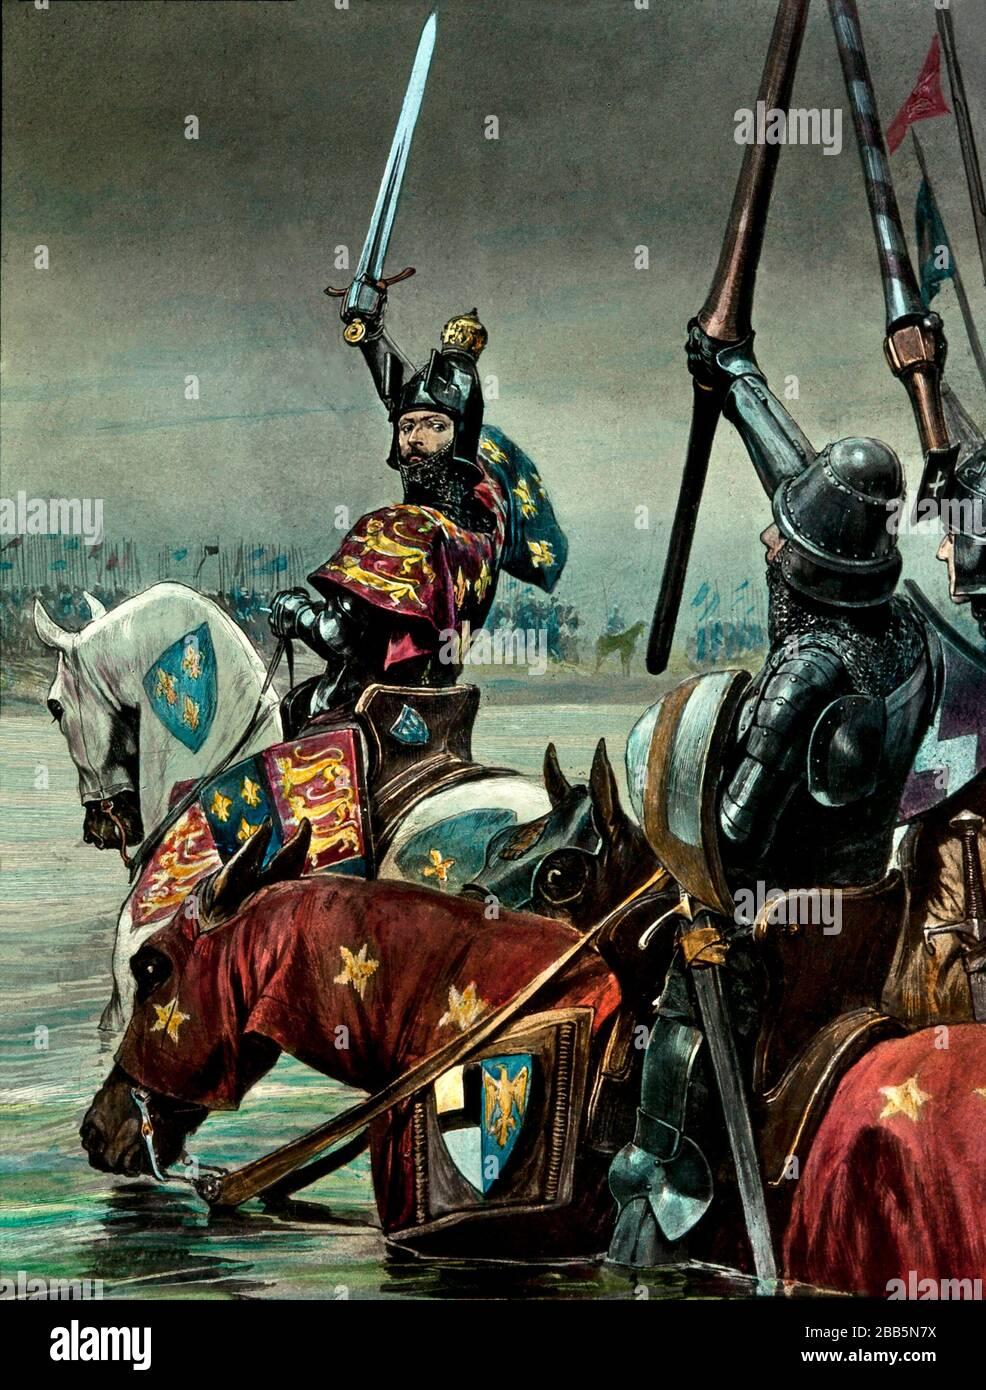 Animationsillustrationen von englischen und französischen Feldzügen und Kriegsgeschauptbildern um 1800, einschließlich der Französischen Revolution und Napoleonischen Kriegen. Diese Illustrationen entstanden um 1900 Stockfoto